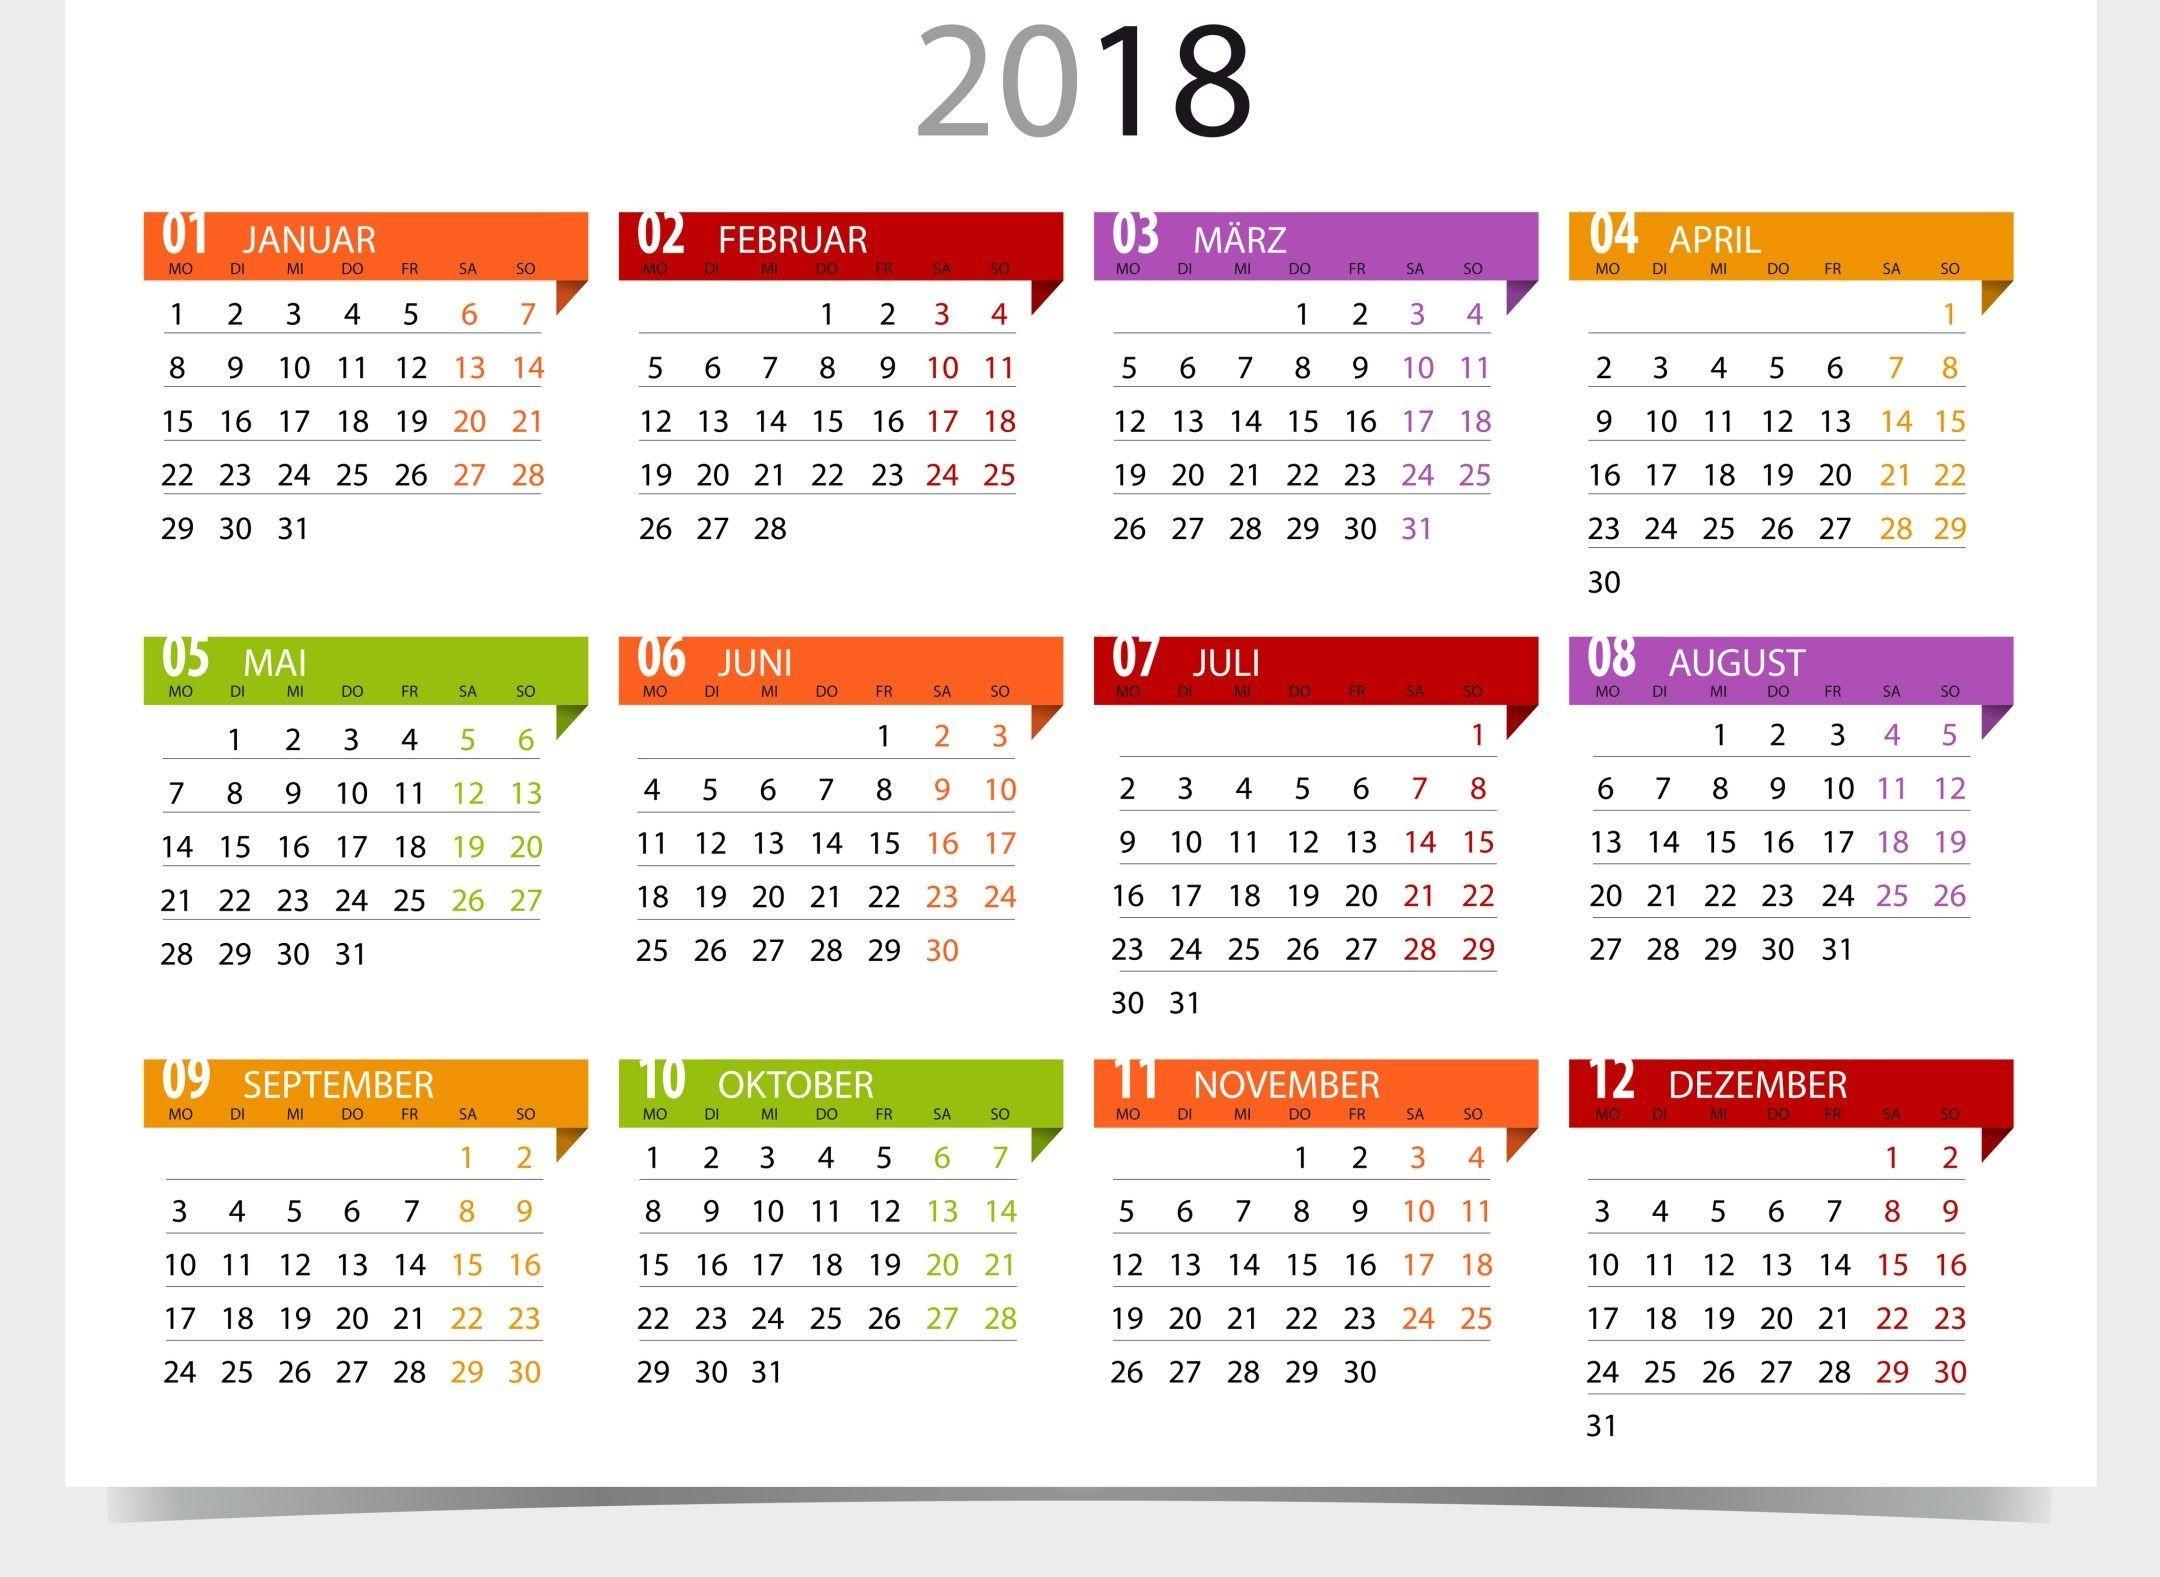 Calendario Imprimir 2019 Enero Actual Es Calendarios Para Imprimir 2017 Noviembre Of Calendario Imprimir 2019 Enero Recientes Stylish 2019 September Calendar 2019calendar Printablecalendar